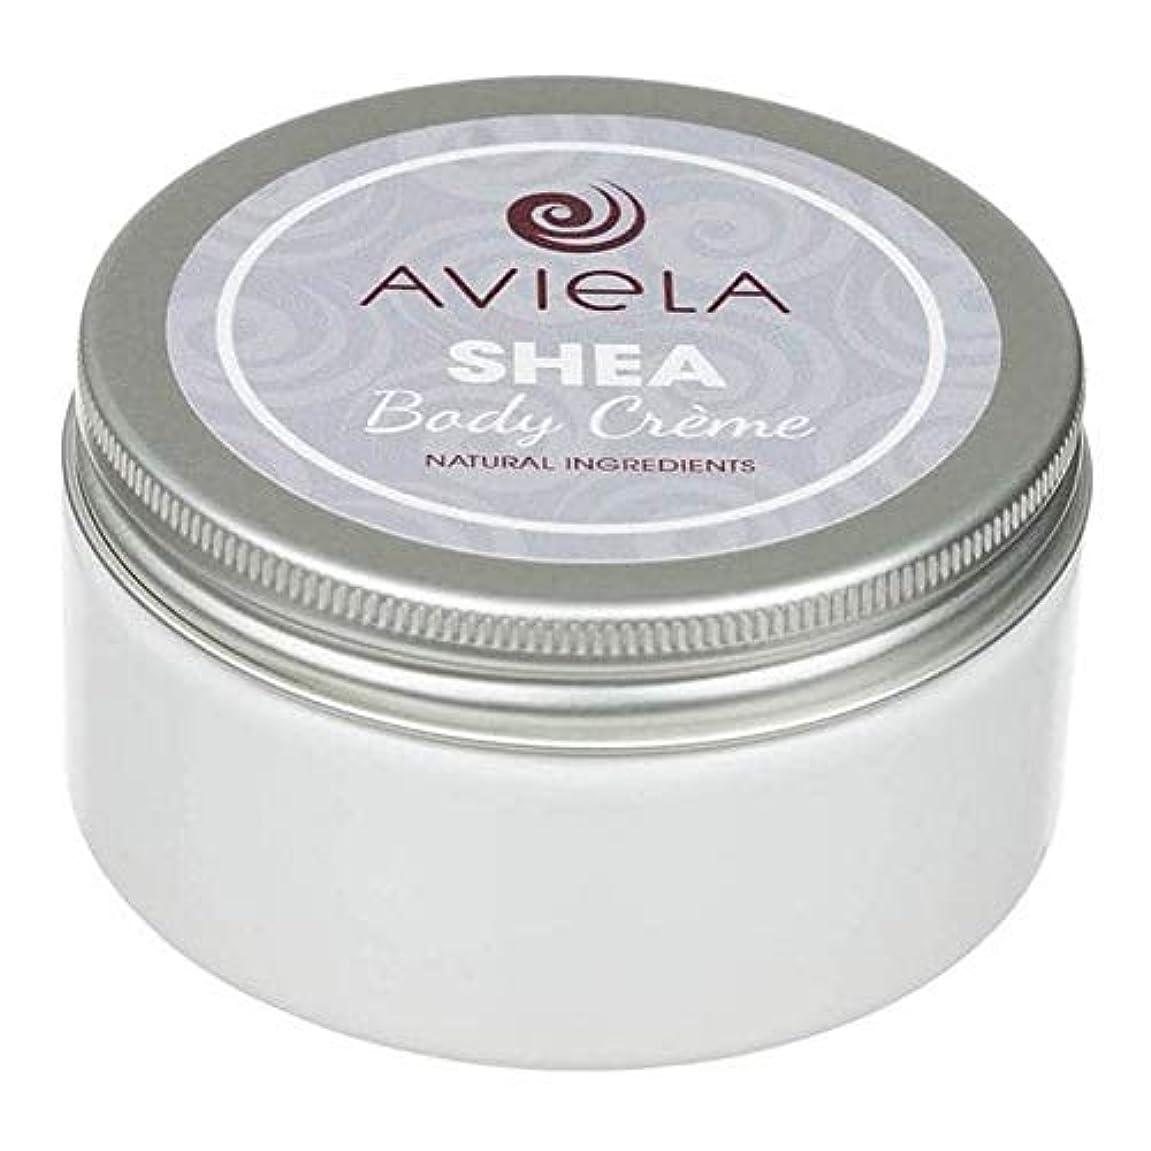 説得検査情熱的[Aviela] Avielaシアボディクリーム200グラム - Aviela Shea Body Creme 200g [並行輸入品]